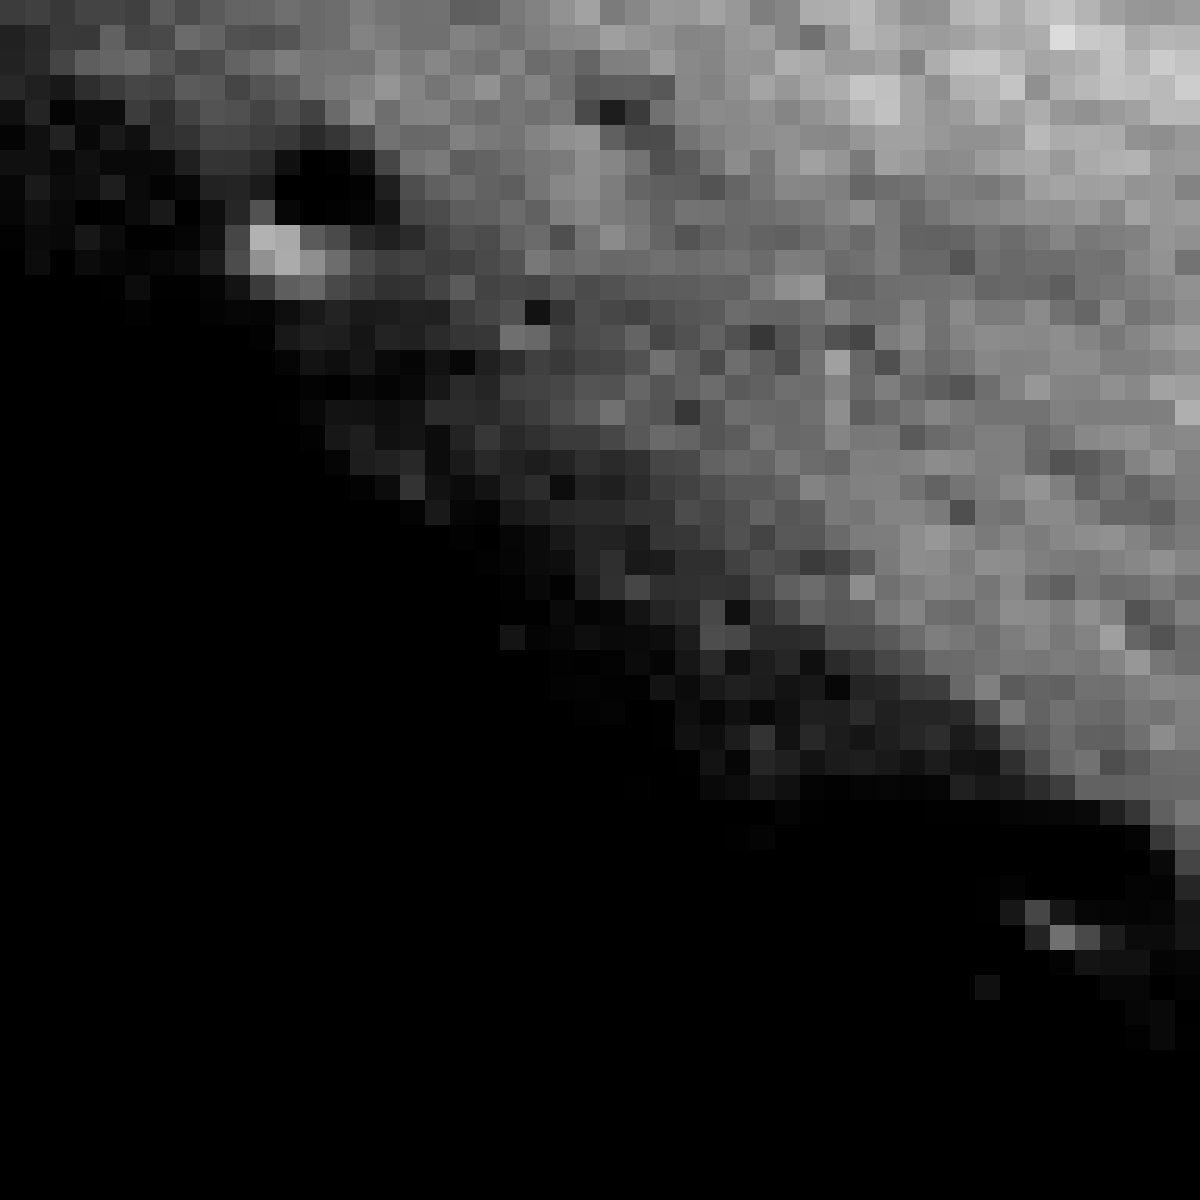 Der Krater Malapert Mountain in der nahe des Mondsüdpols in gleißendem, flachen Licht